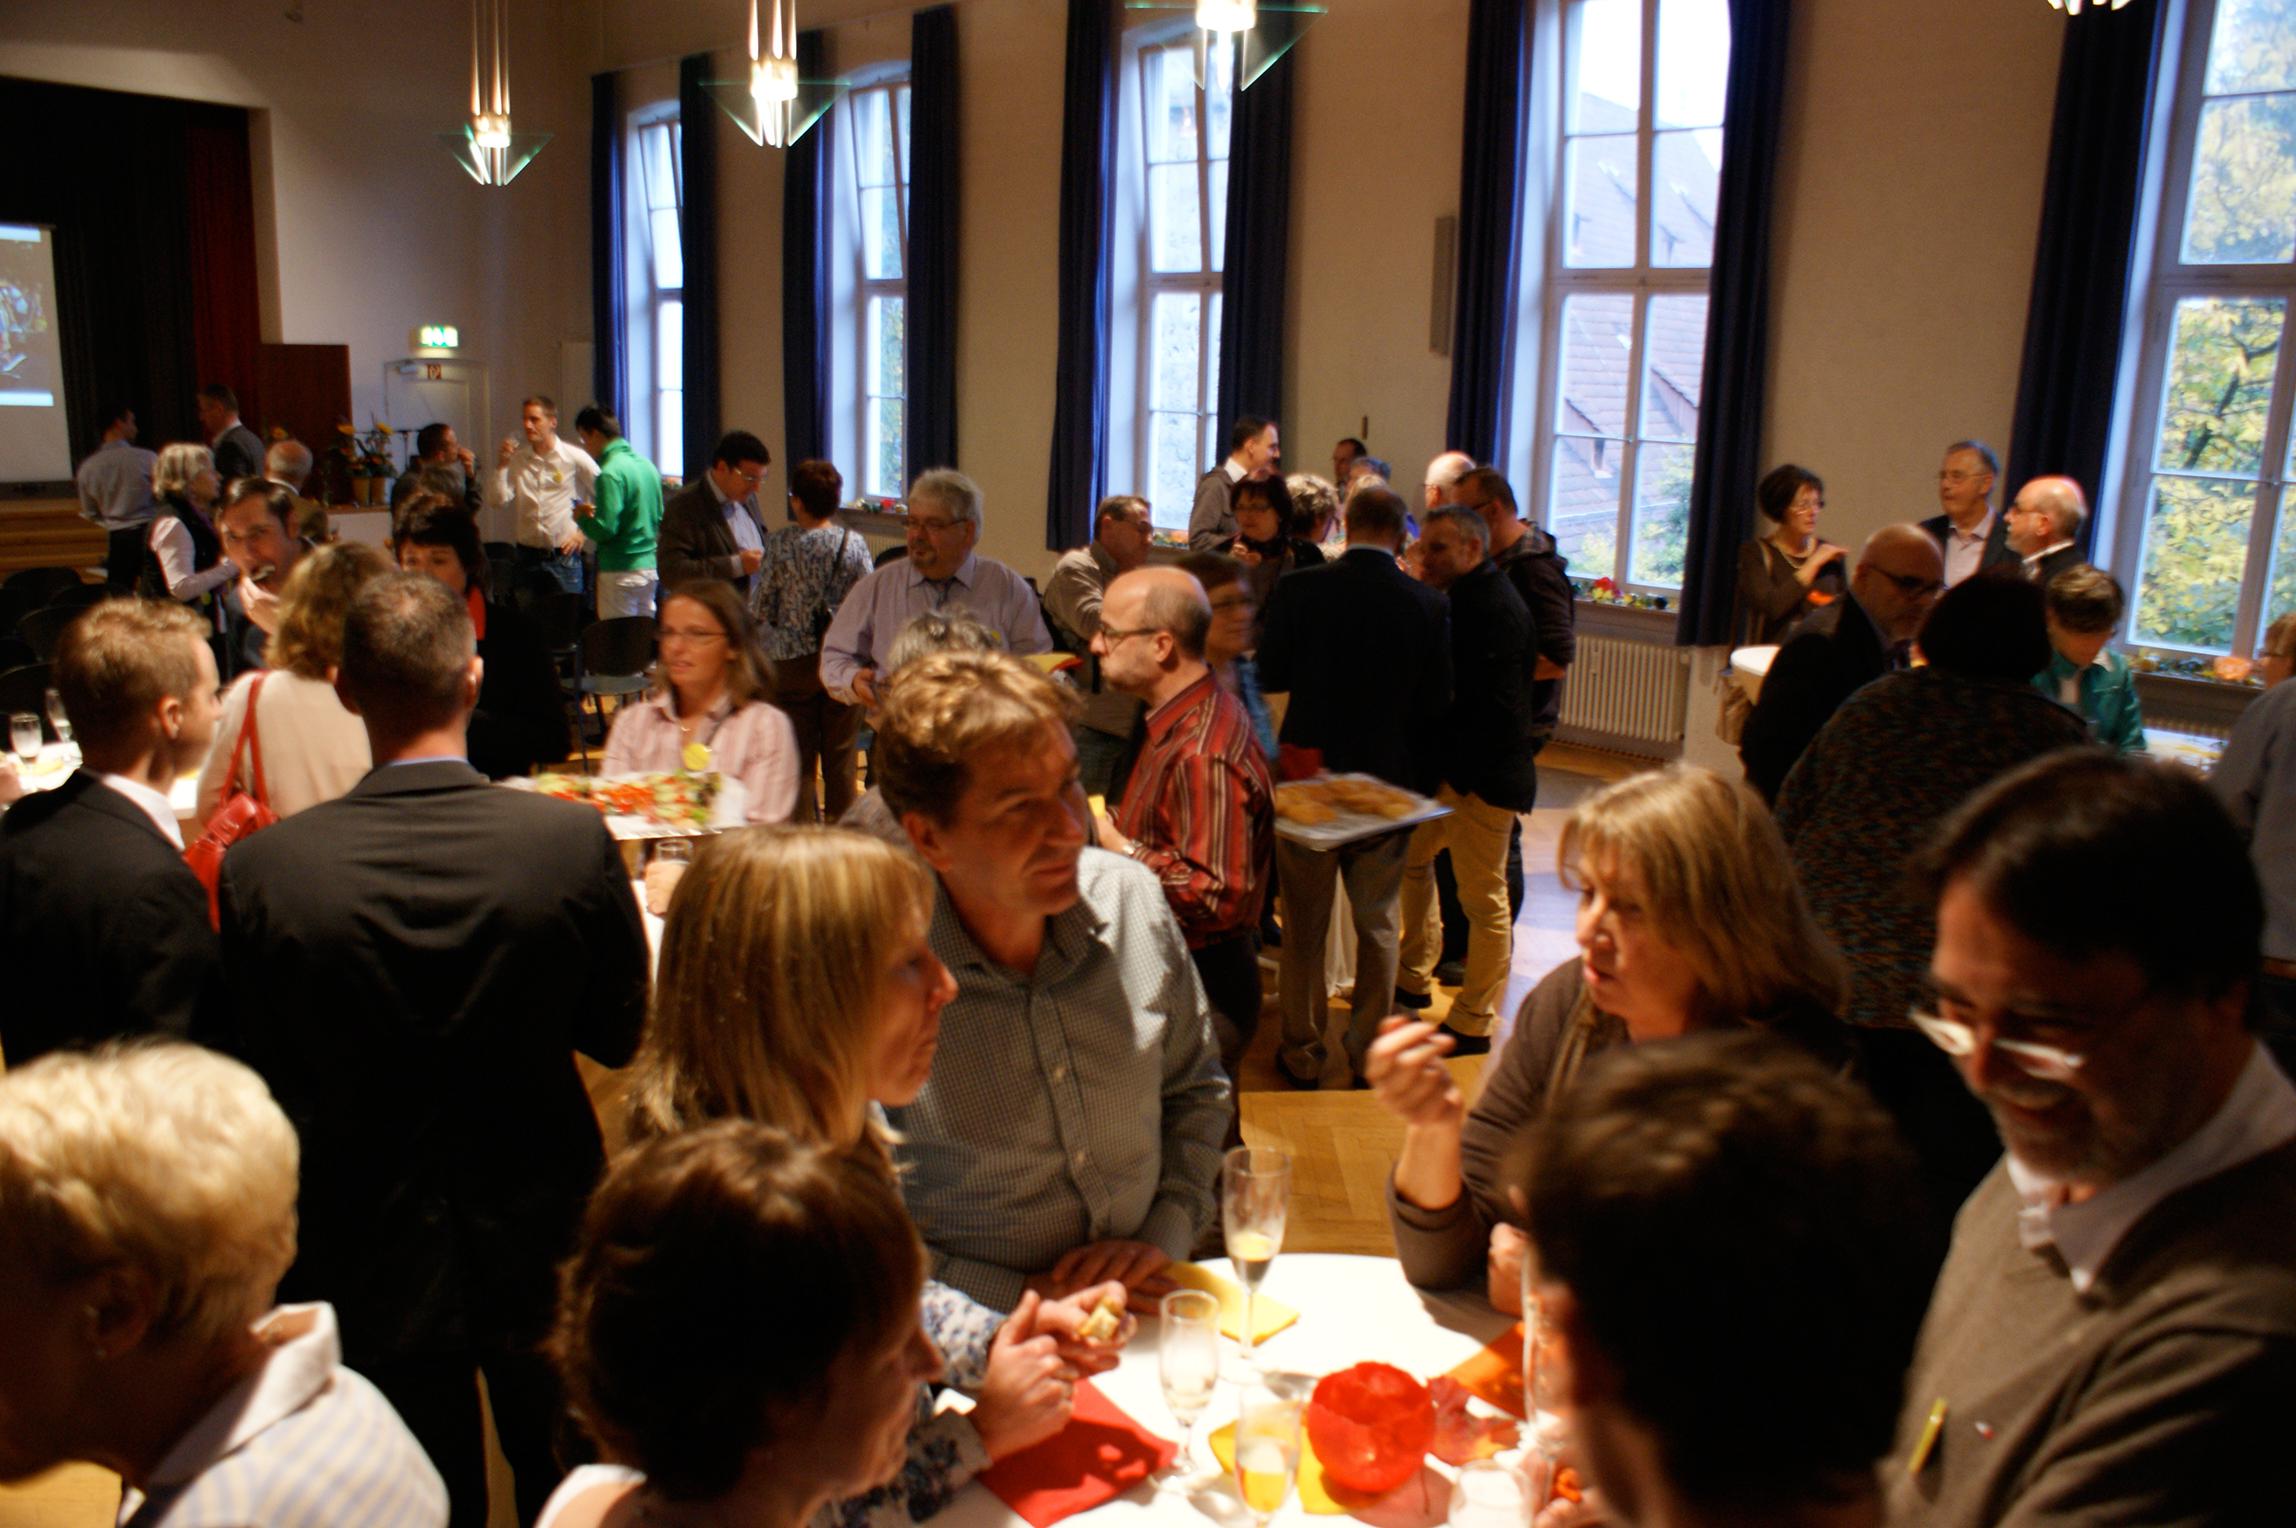 2013-Jubiläum-10-Gäste-im-Gespräch